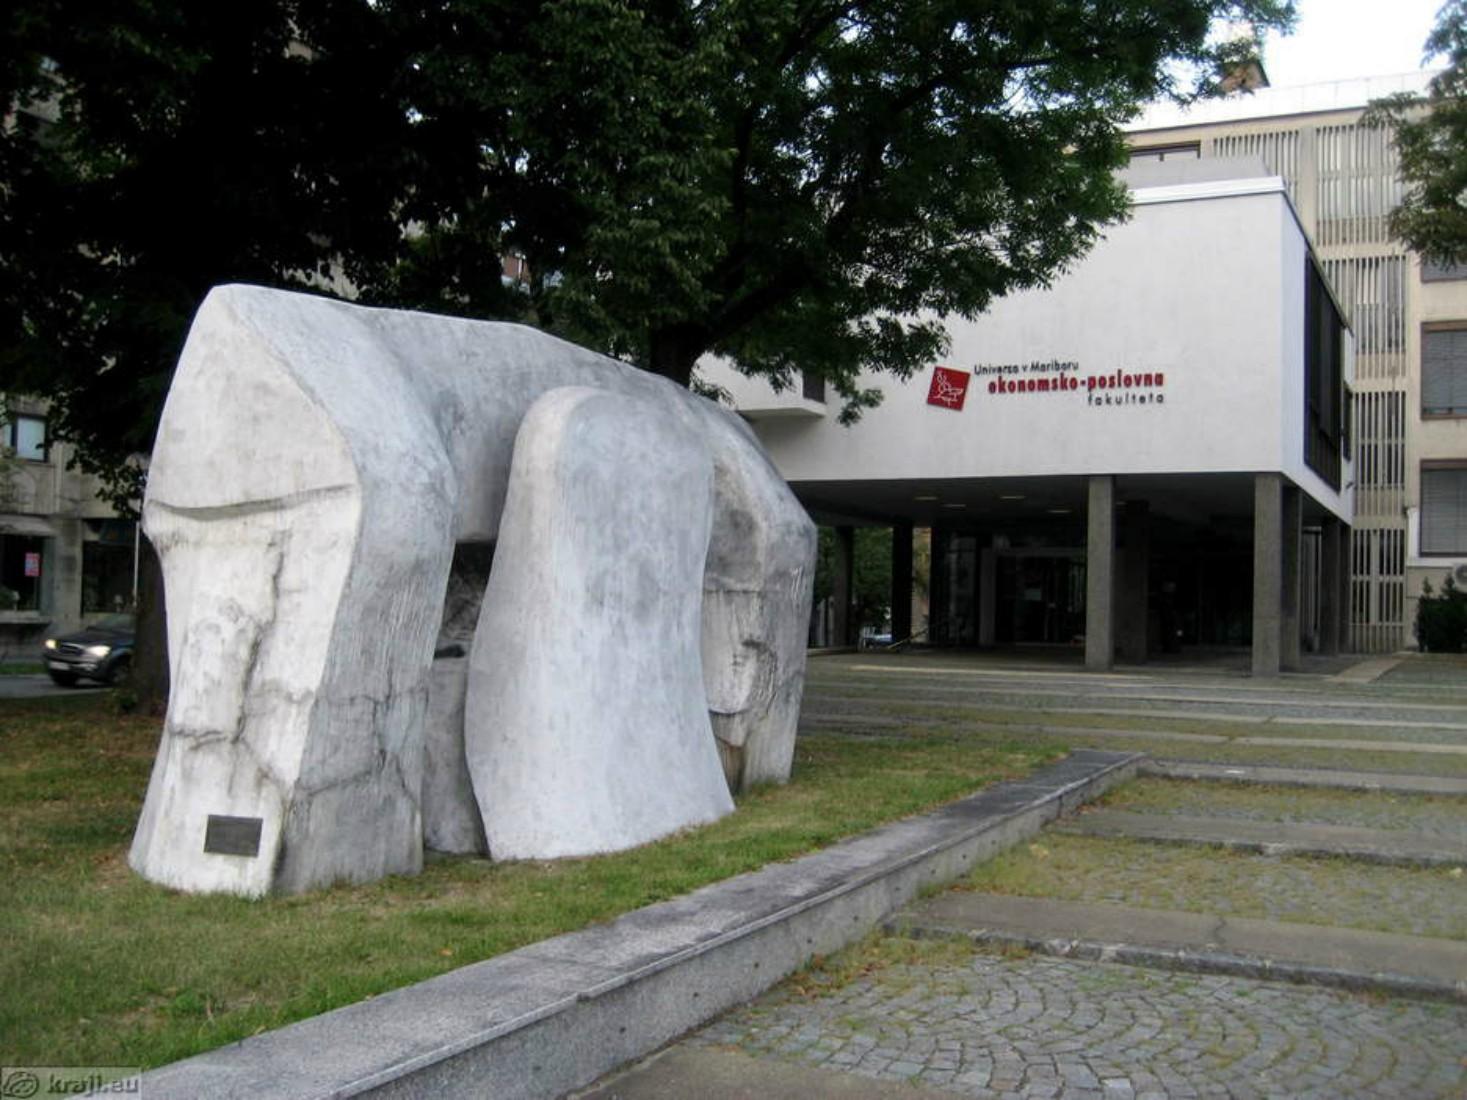 Predstavitev fakultete: Ekonomsko-poslovna fakulteta Univerze v Mariboru